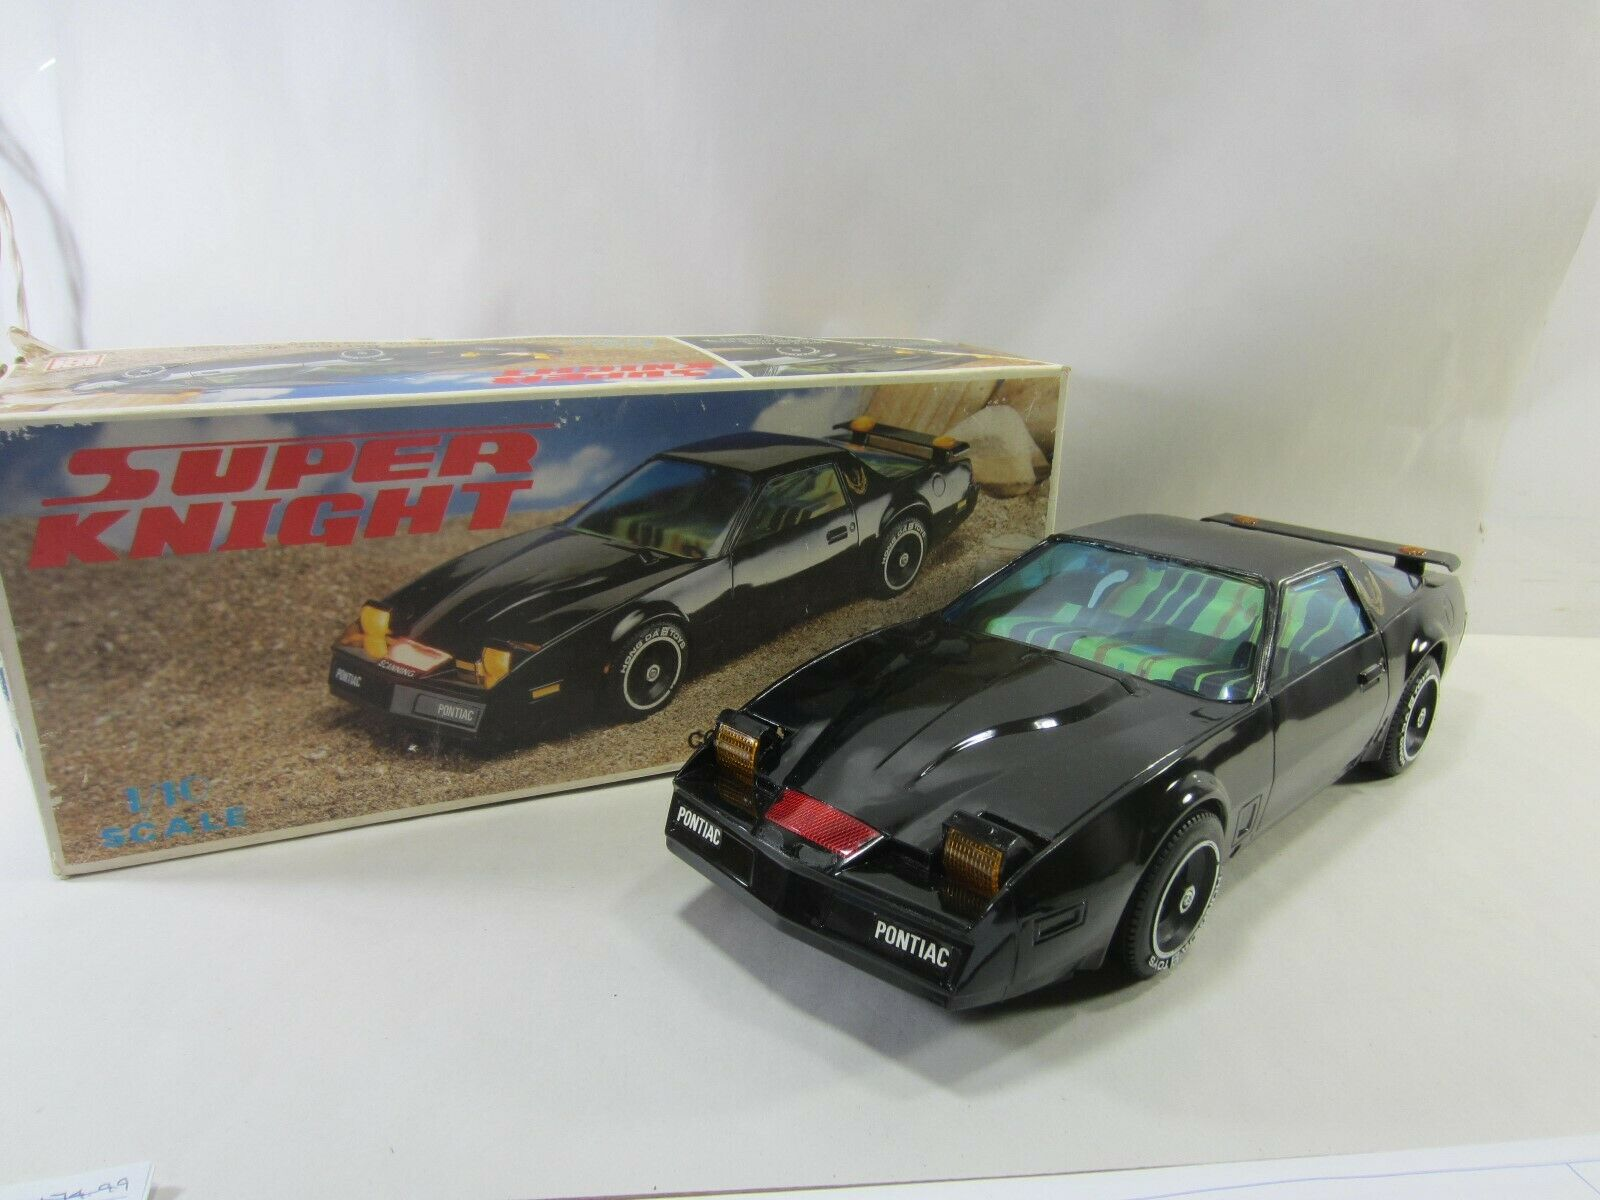 1984 Hong Da Super Knight 1 10 Scale Battery Oper. Car  PA 2